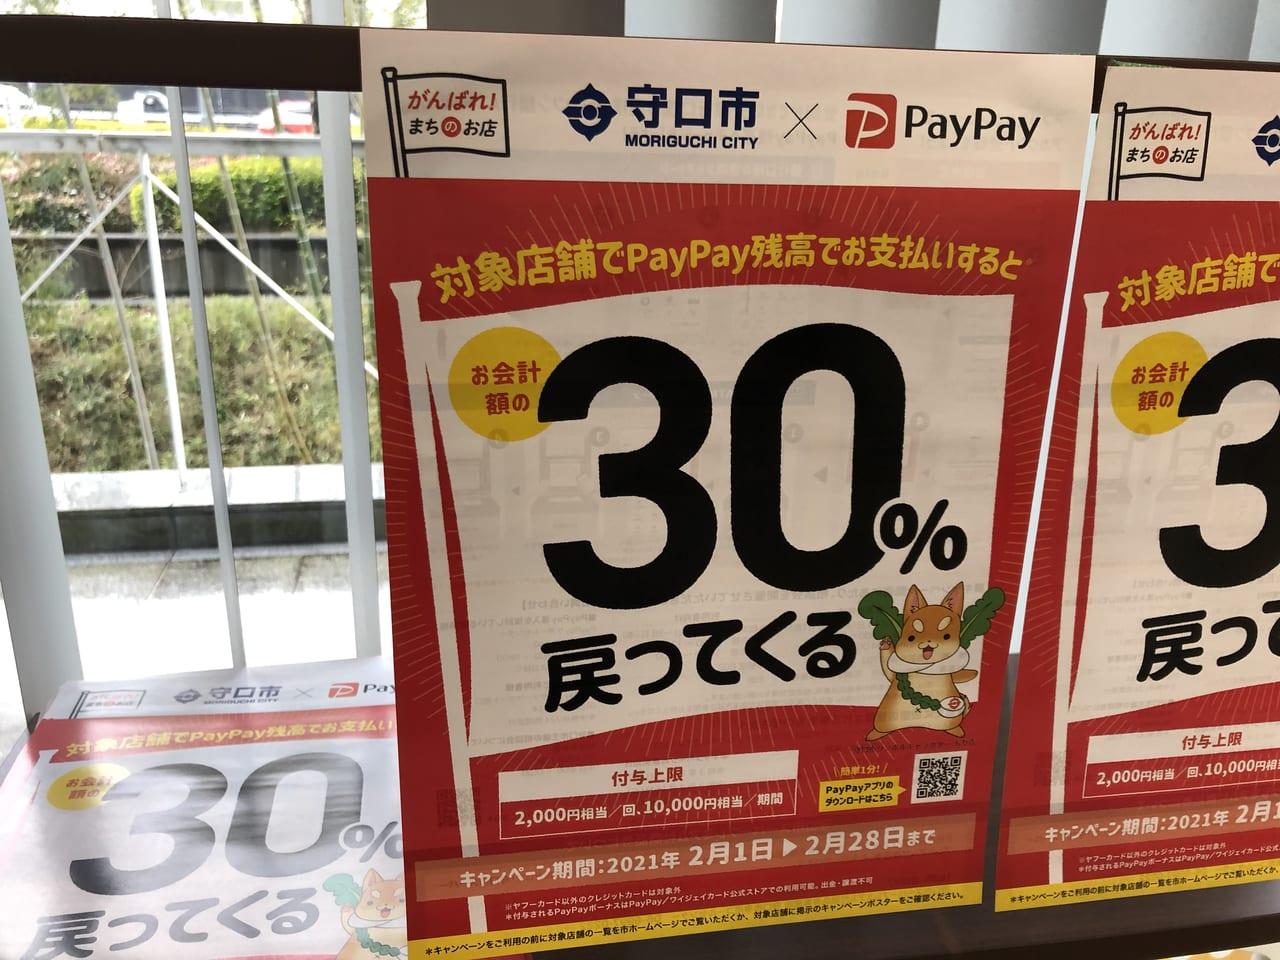 守口 市 paypay PayPayであなたの街を応援しよう!いろんな街でキャンペーン開催!